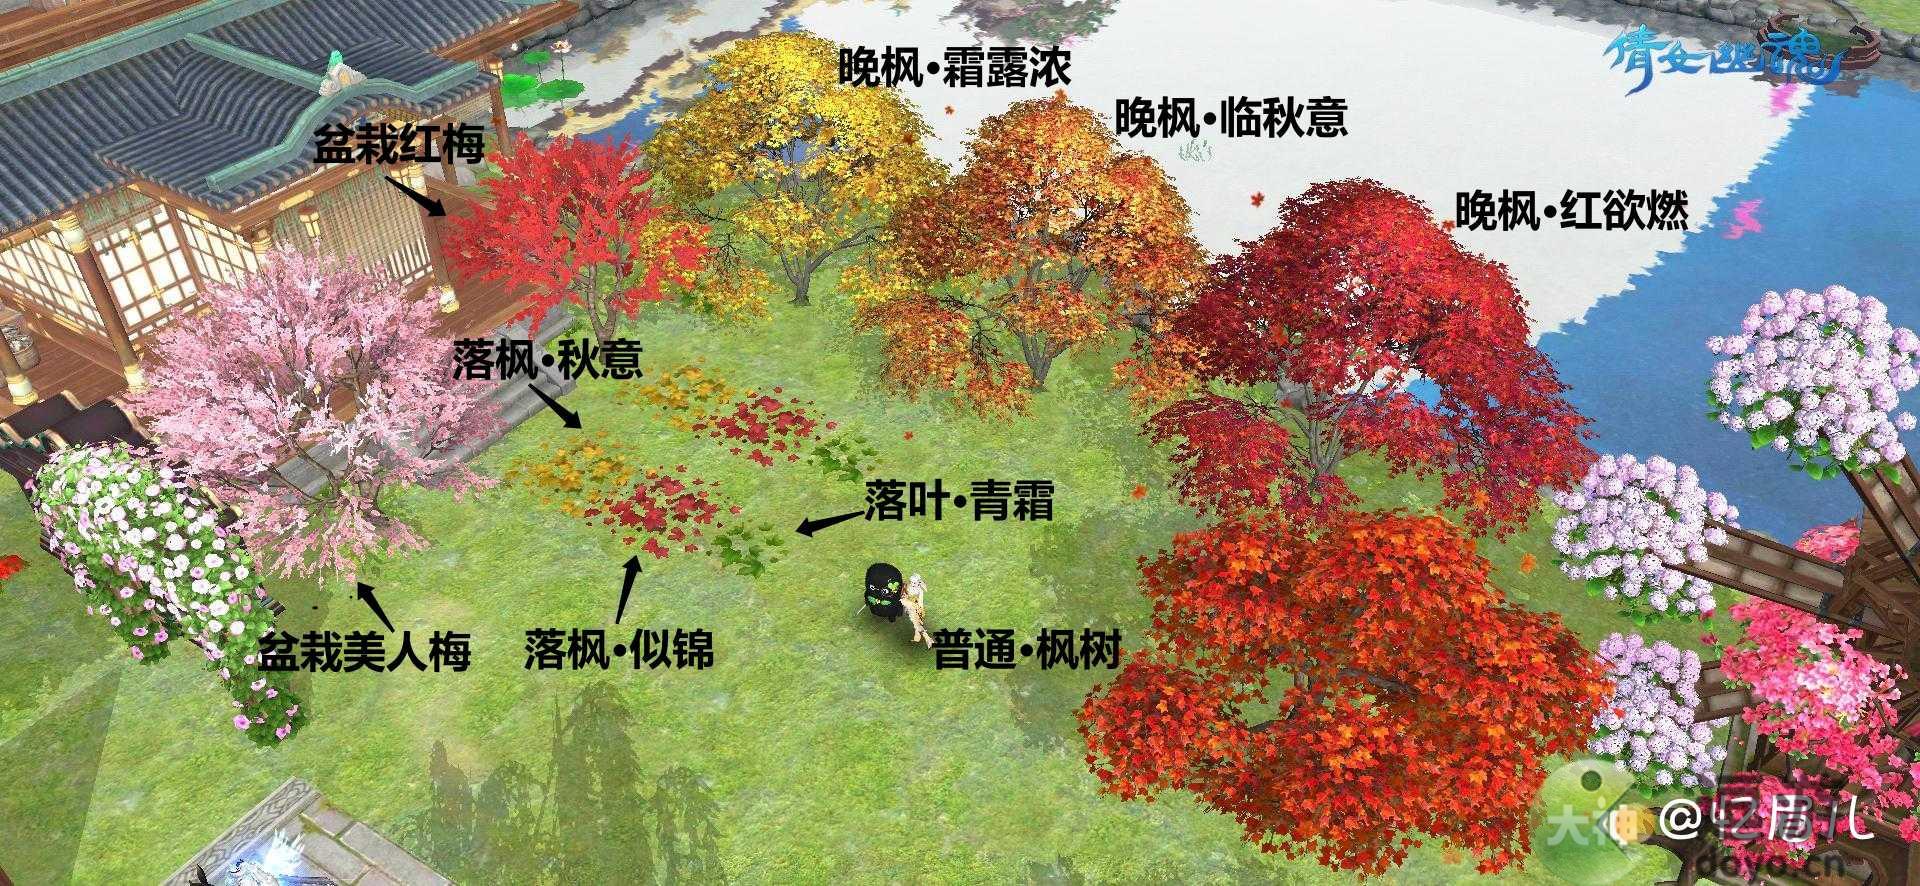 倩女幽魂手游新花木类图鉴获取方式一览